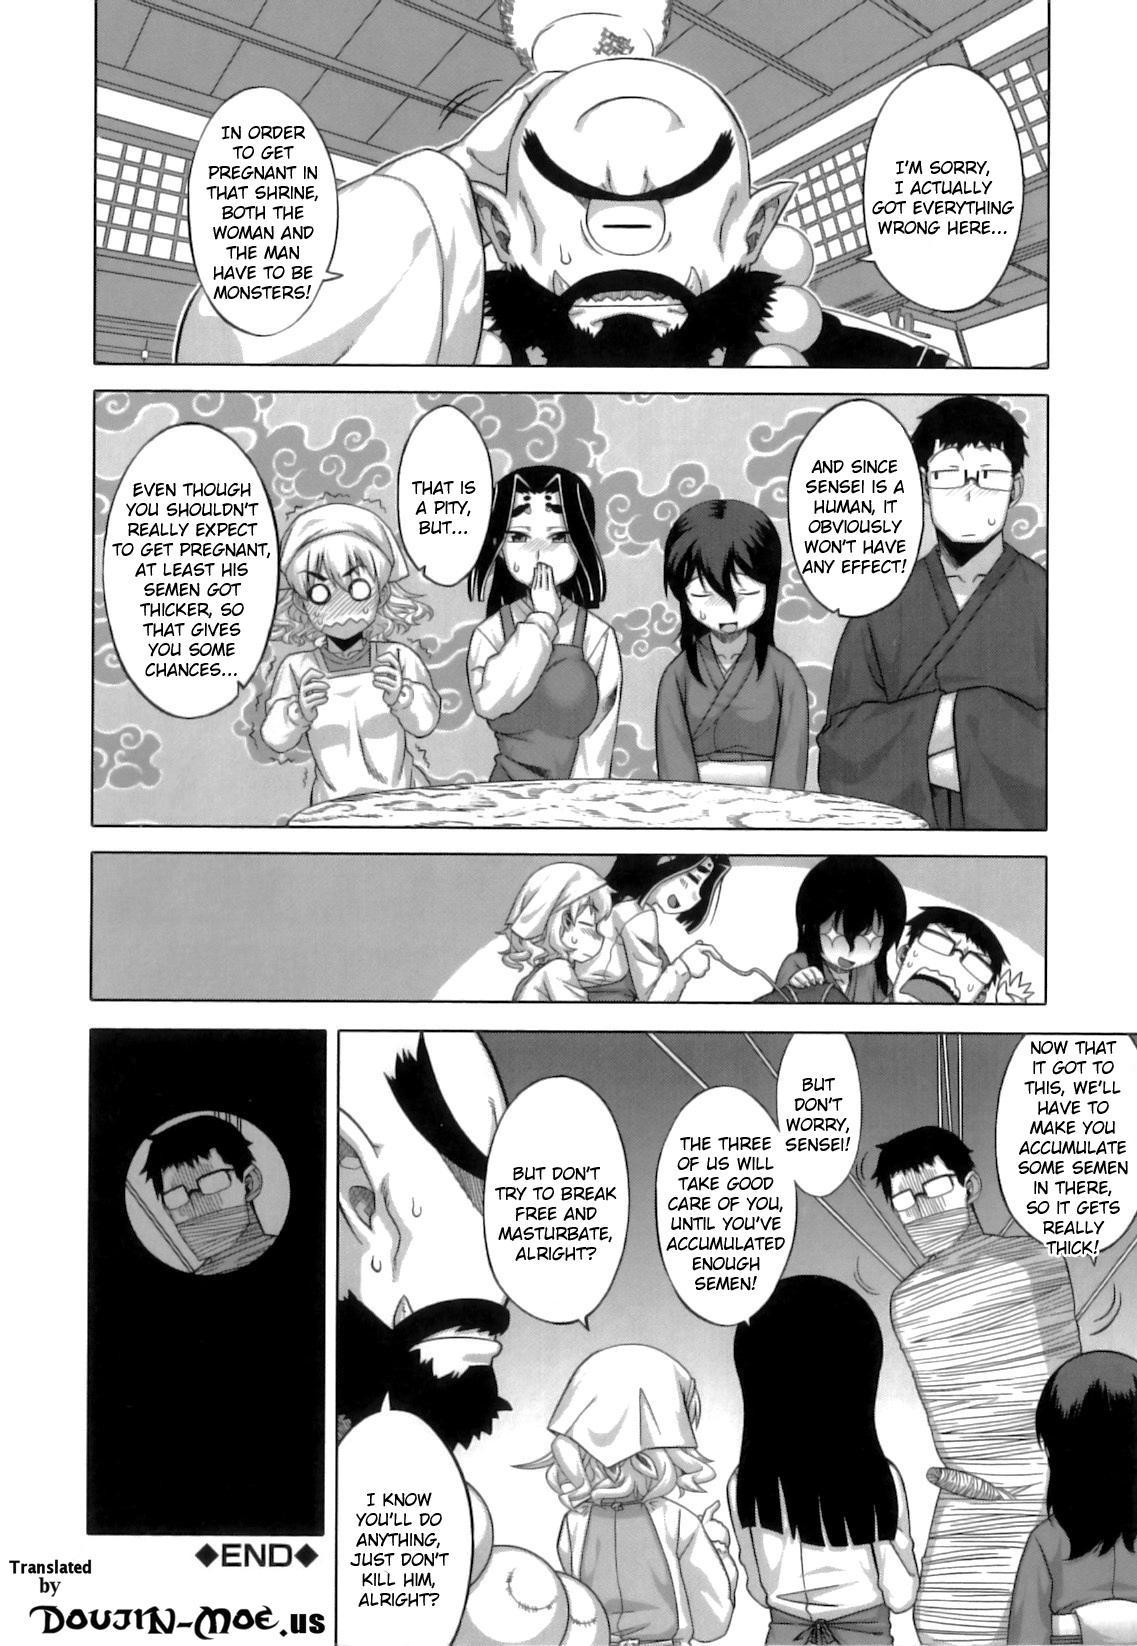 [Takatsu] DH! ~Himorogi Hyaku Yome Gatari~ | Demon-Hentai! - Shrine of One Hundred Wives [English] {doujin-moe.us} 113